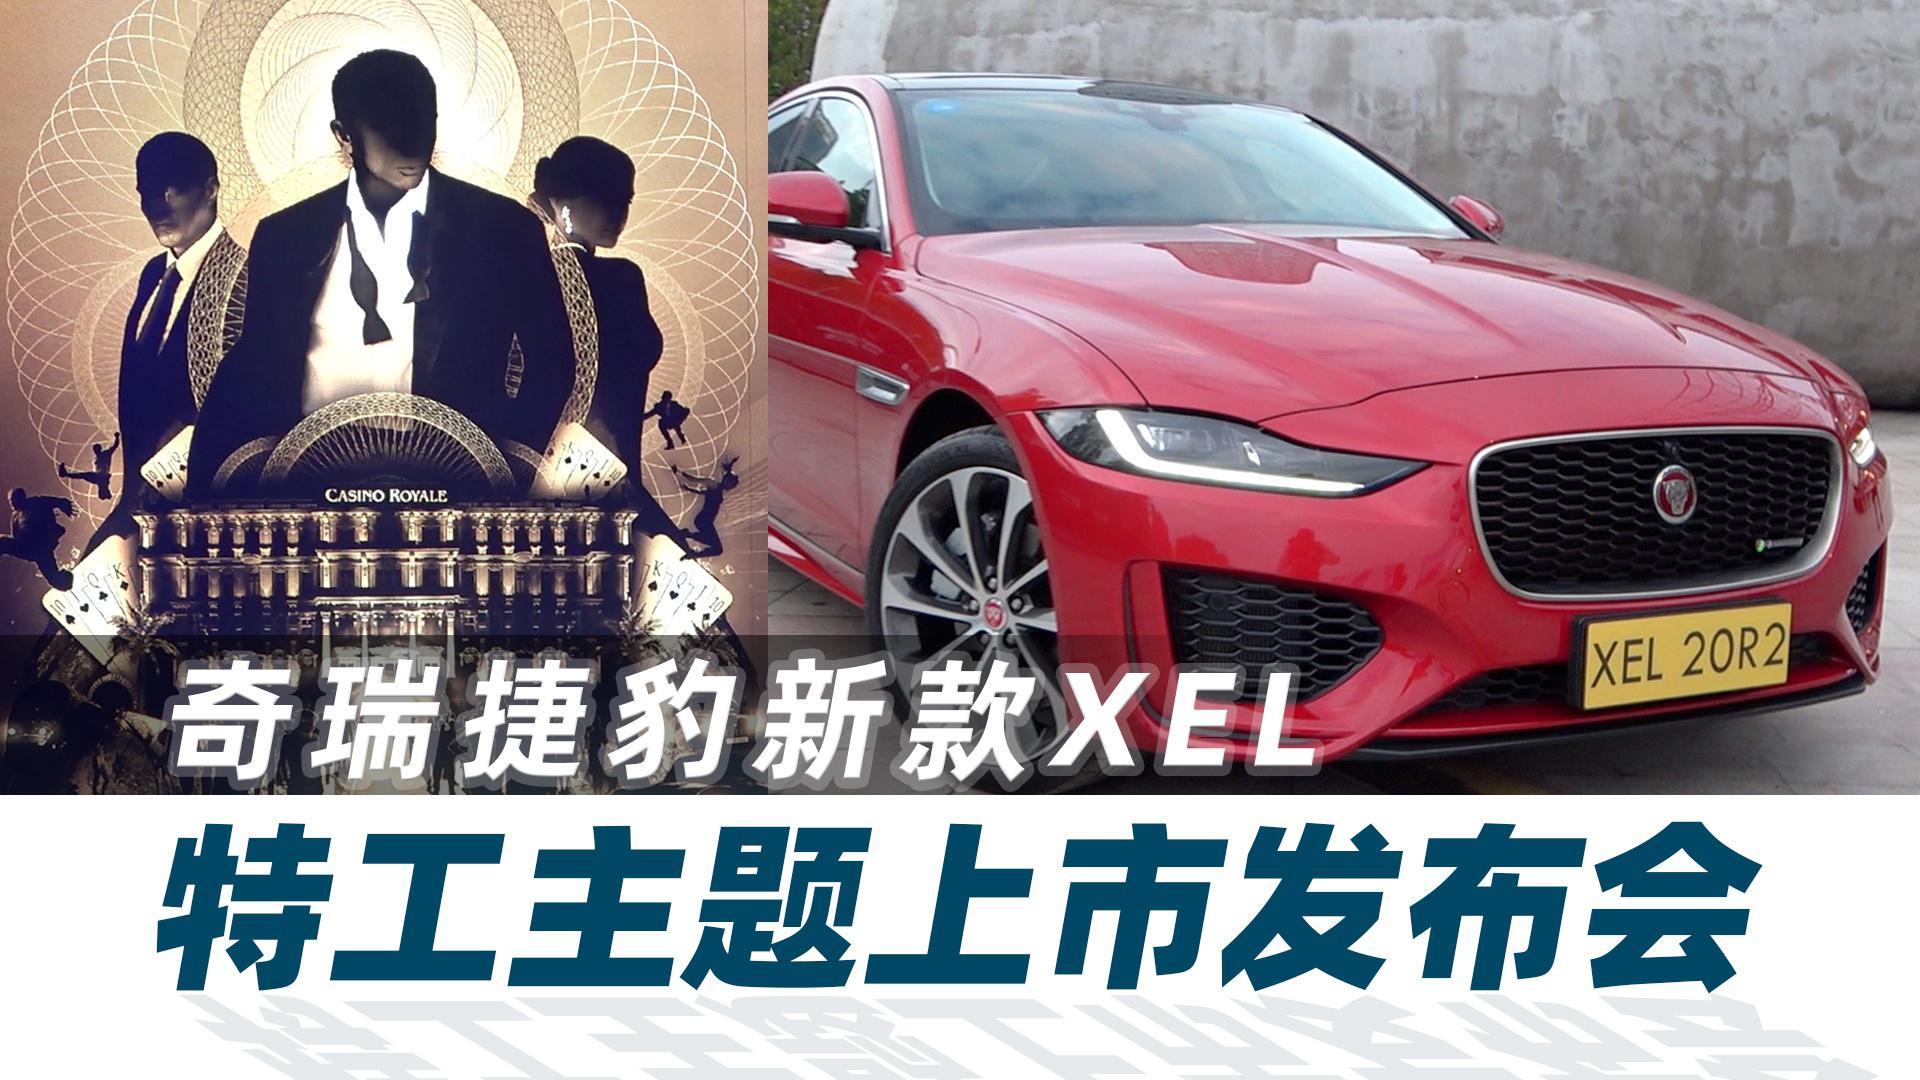 奇瑞捷豹新款XEL上市搞了个特工主题发布会 汽车Vlog266